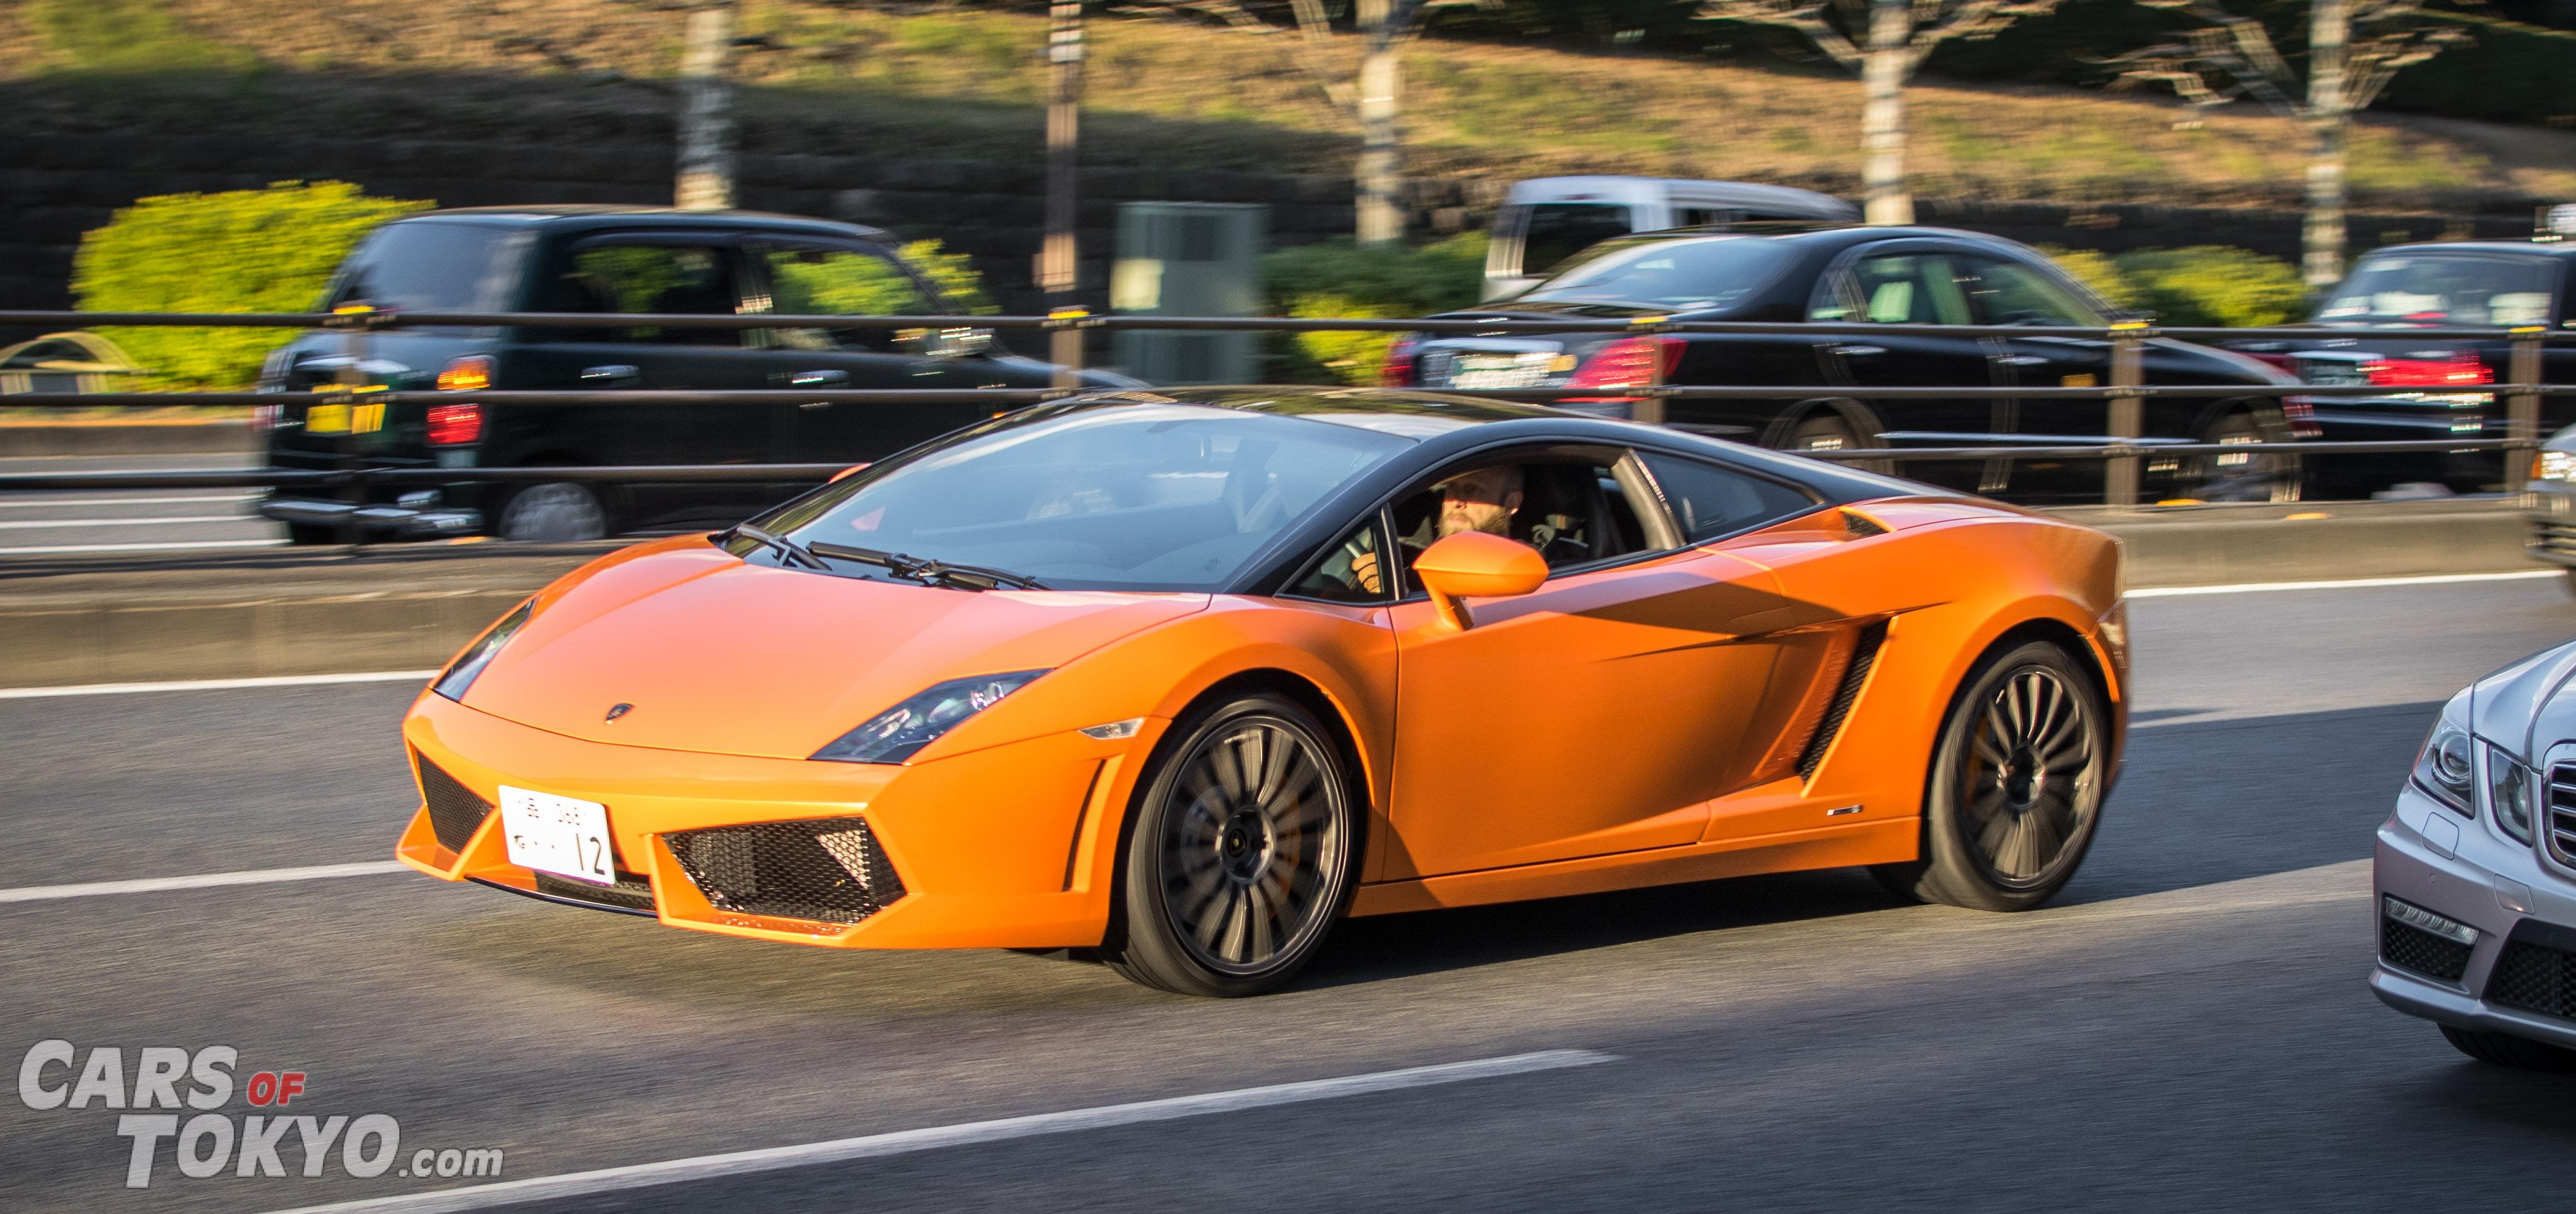 Cars of Tokyo Clean Lamborghini Gallardo Bicolore